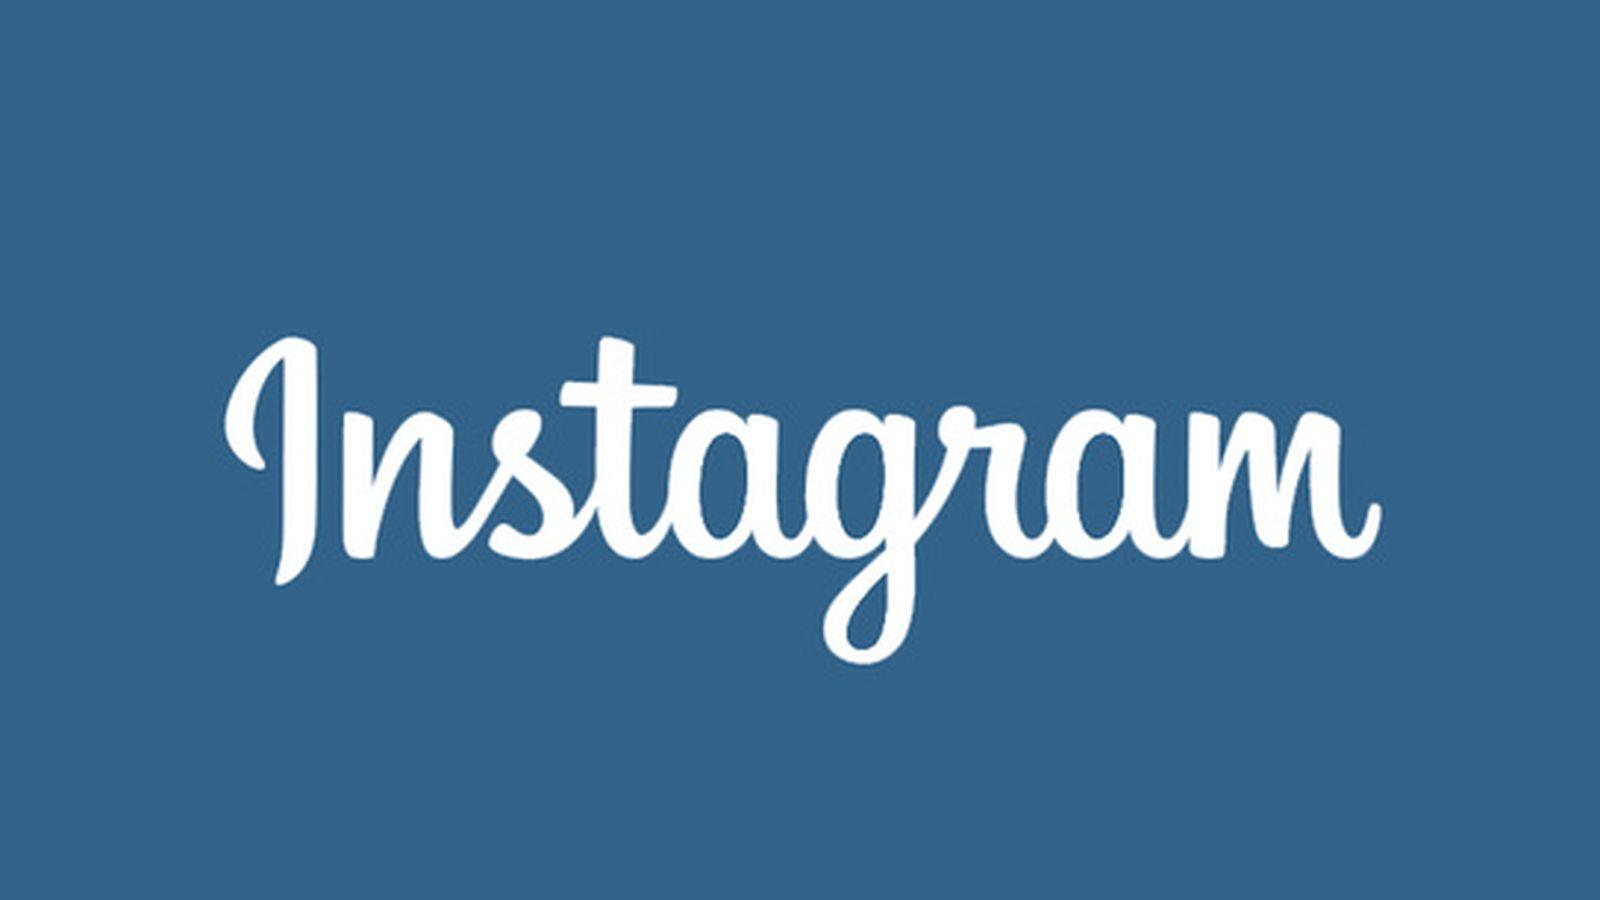 В Instagram уже 200 тысяч рекламодателей